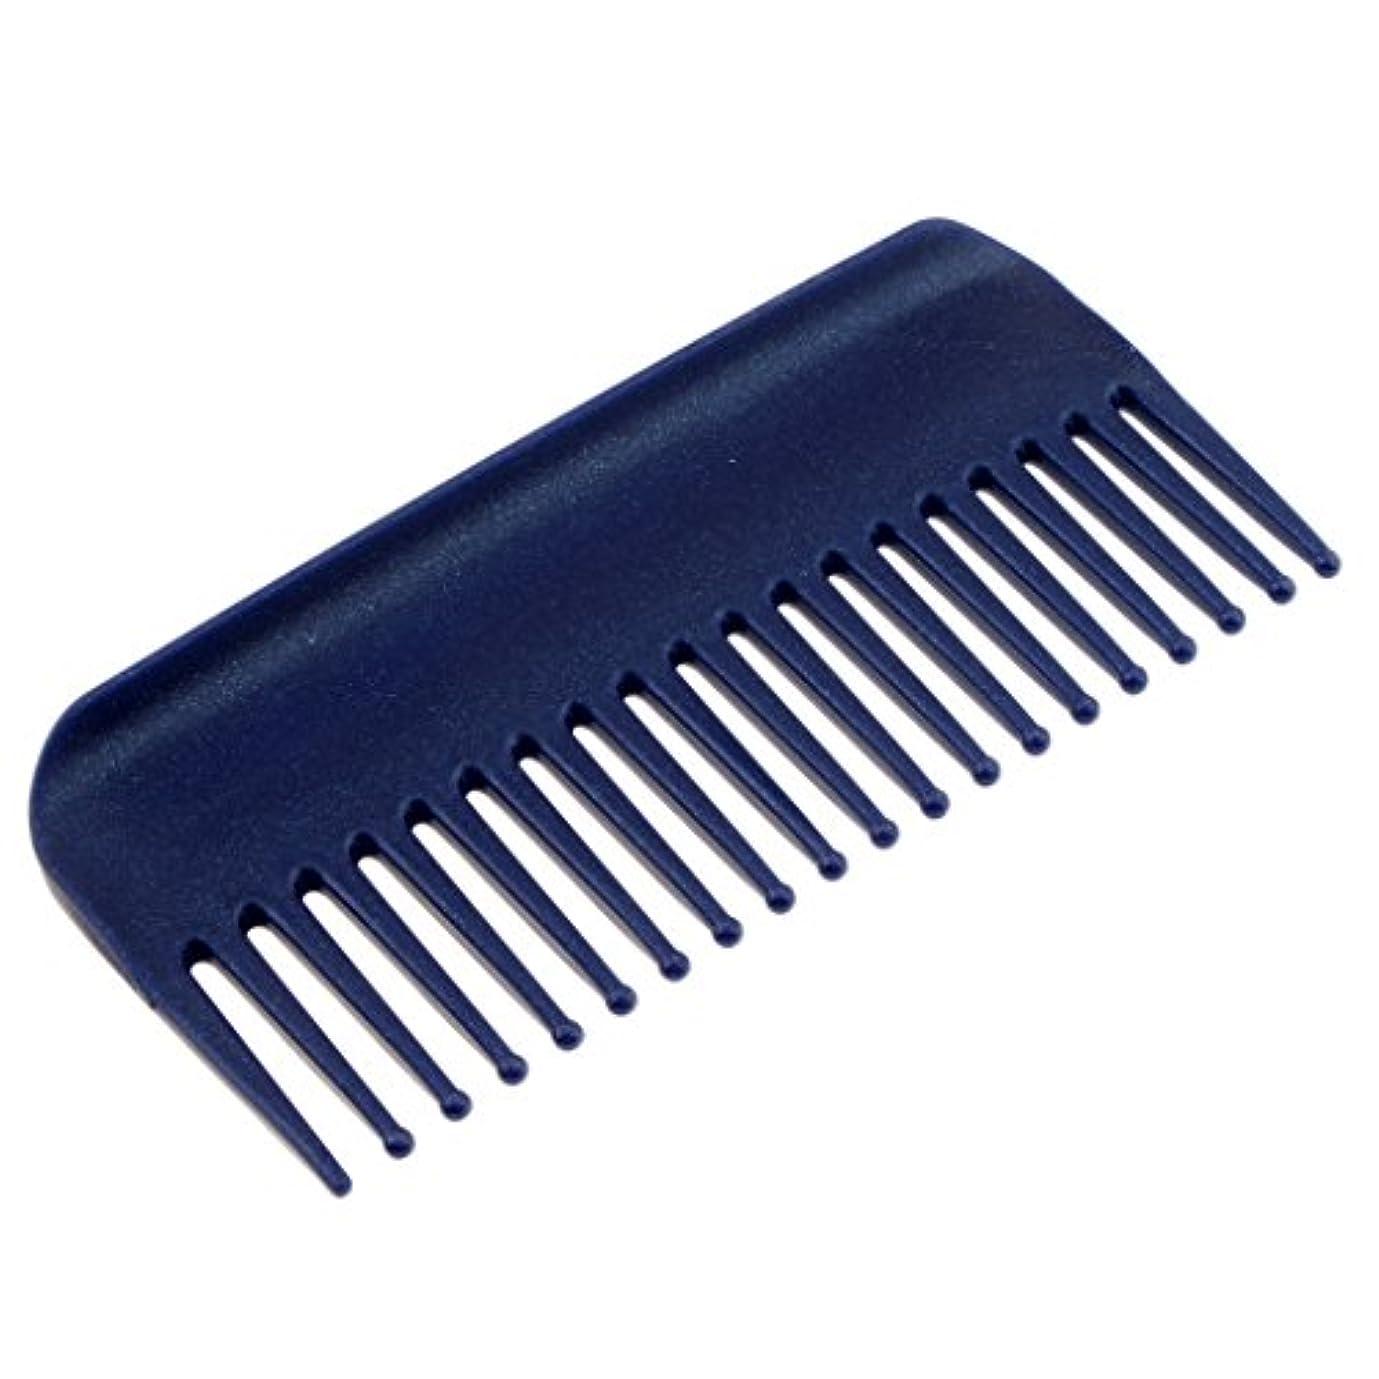 最終的にトーストスポットヘアコーム ヘアブラシ コーム 櫛 くし 頭皮 マッサージ 耐熱性 帯電防止 便利 サロン 自宅用 4色選べる - 青